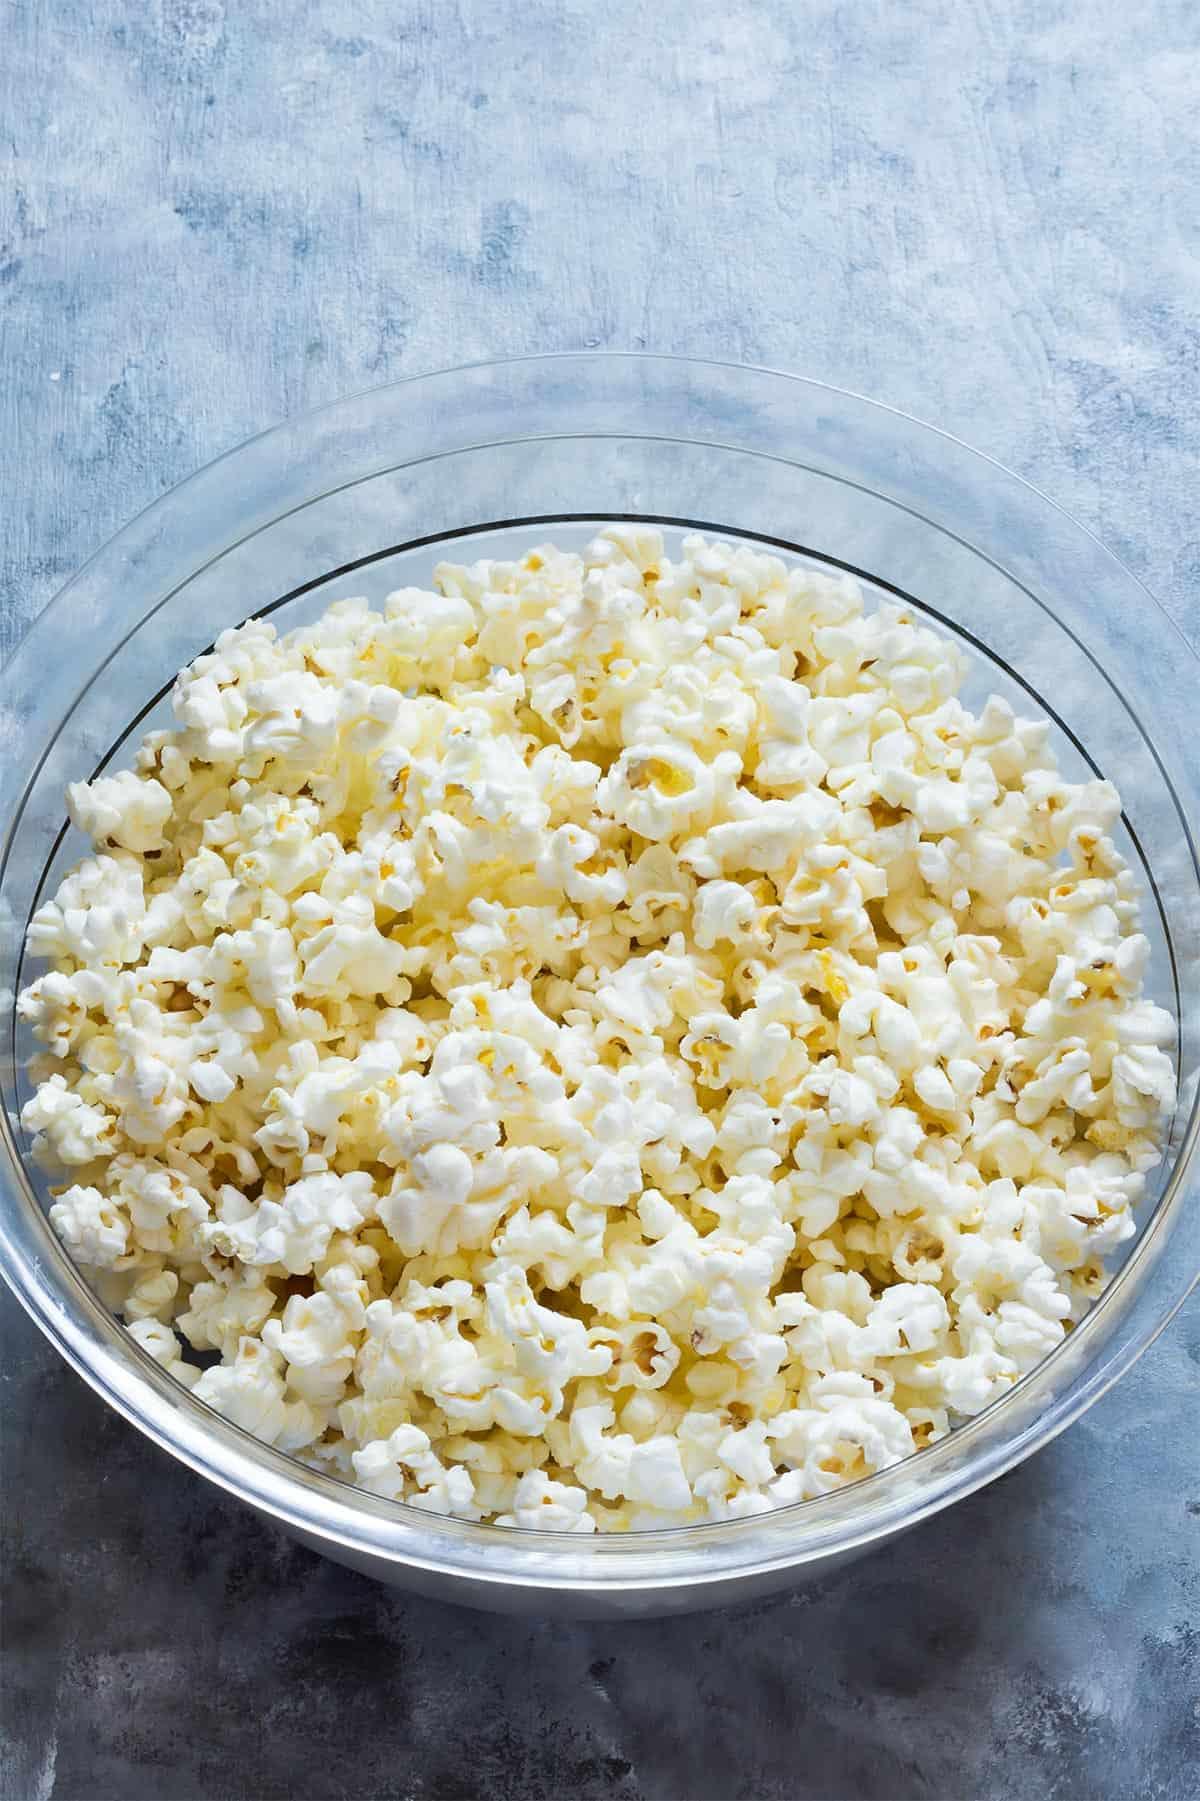 Celebrating Popcorn Day